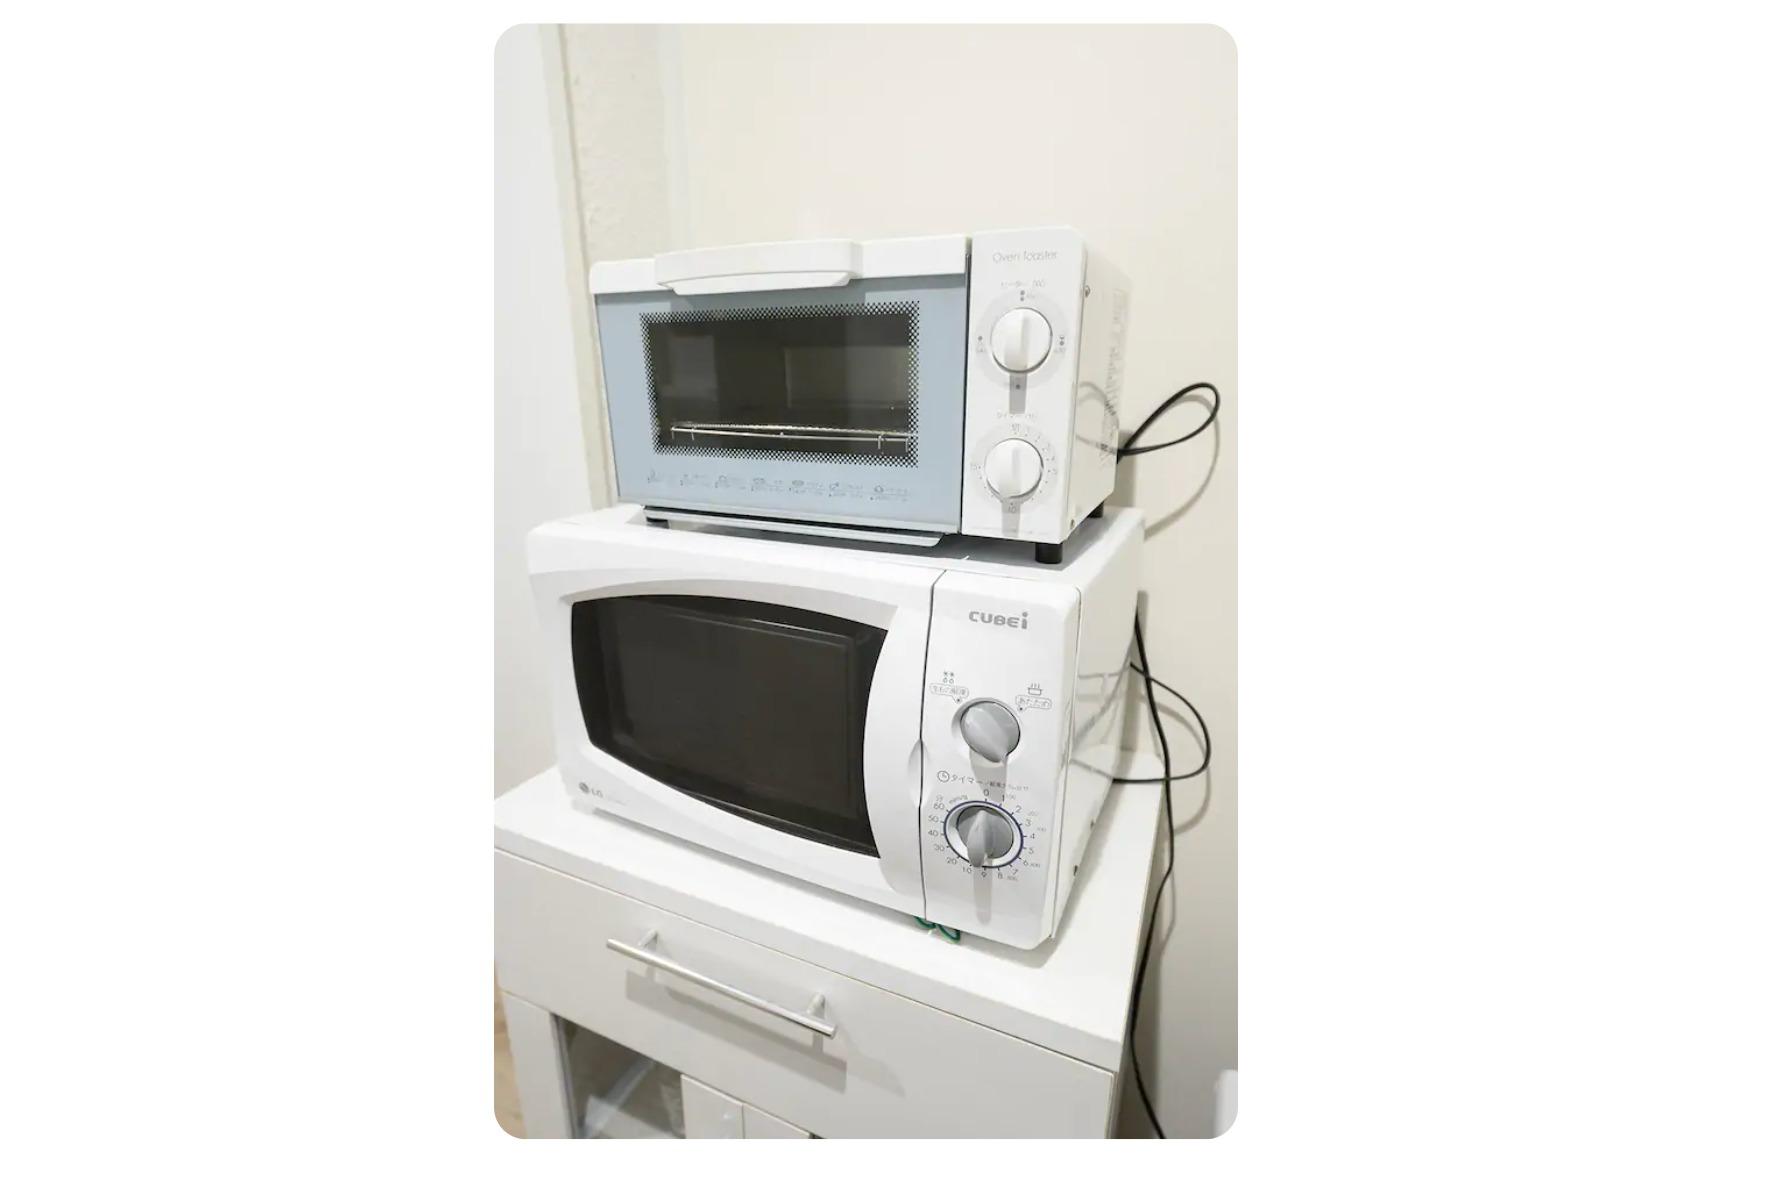 トースターと電子レンジ